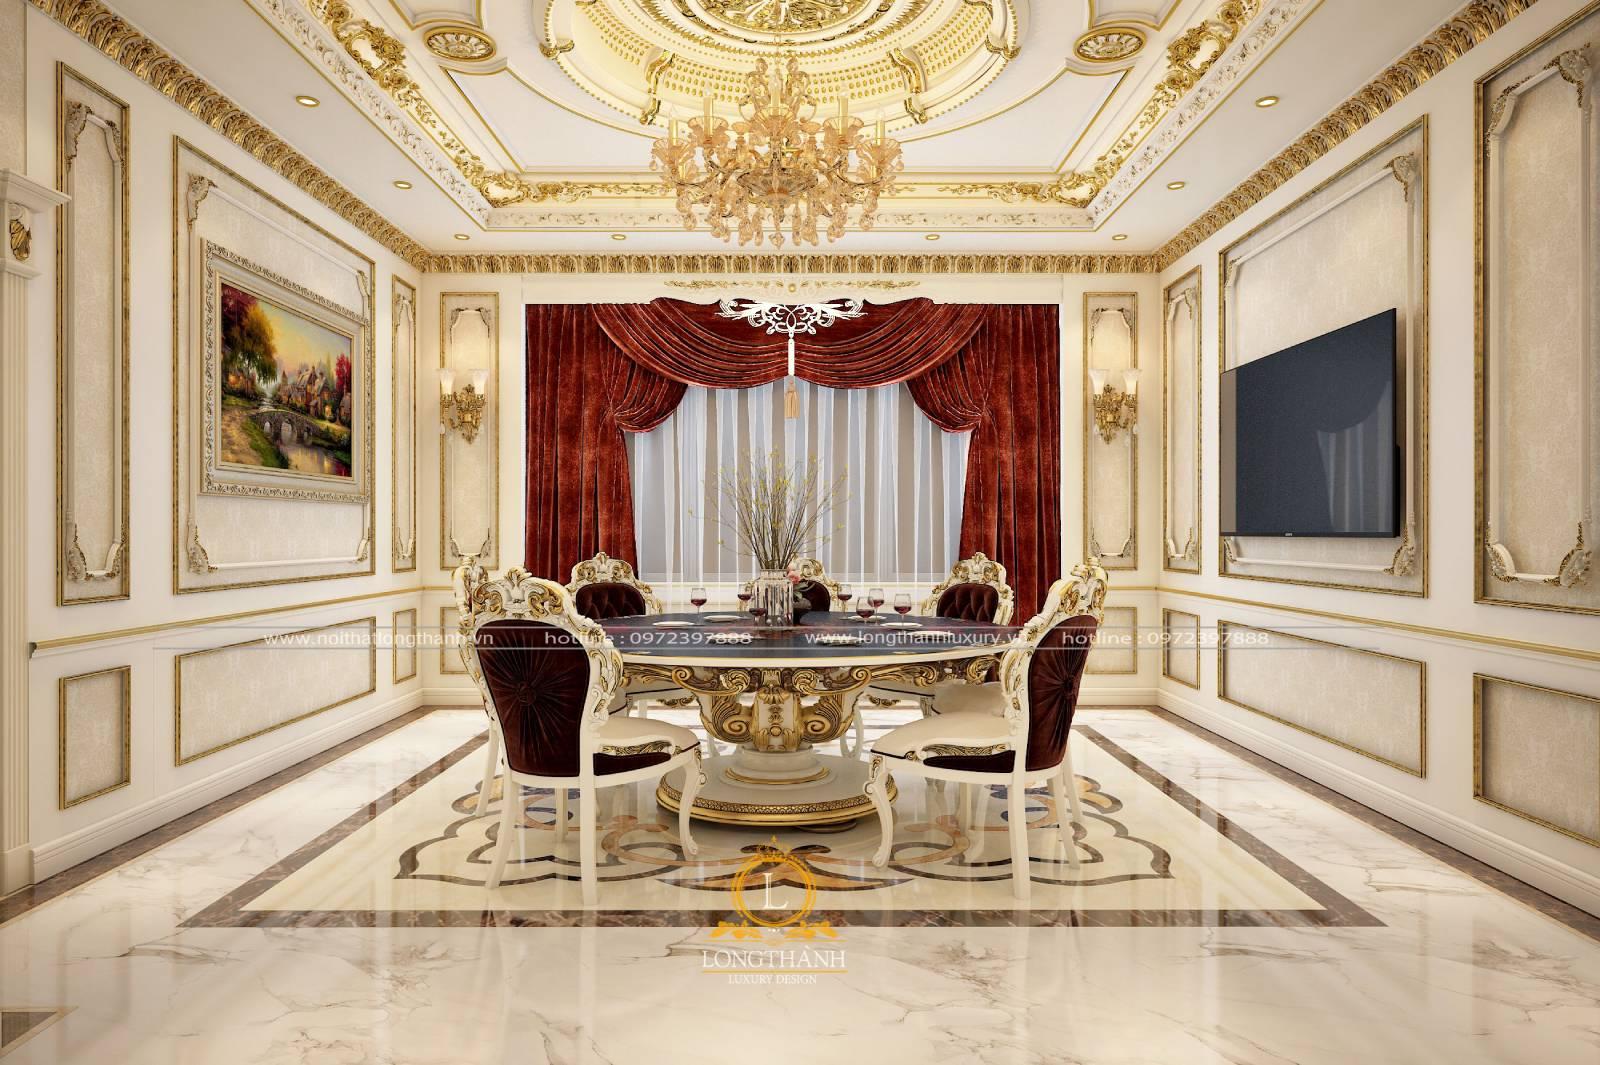 Mẫu bàn ghế ăn thiết kế theo phong cách tân cổ điến sơn trắng dát vàng